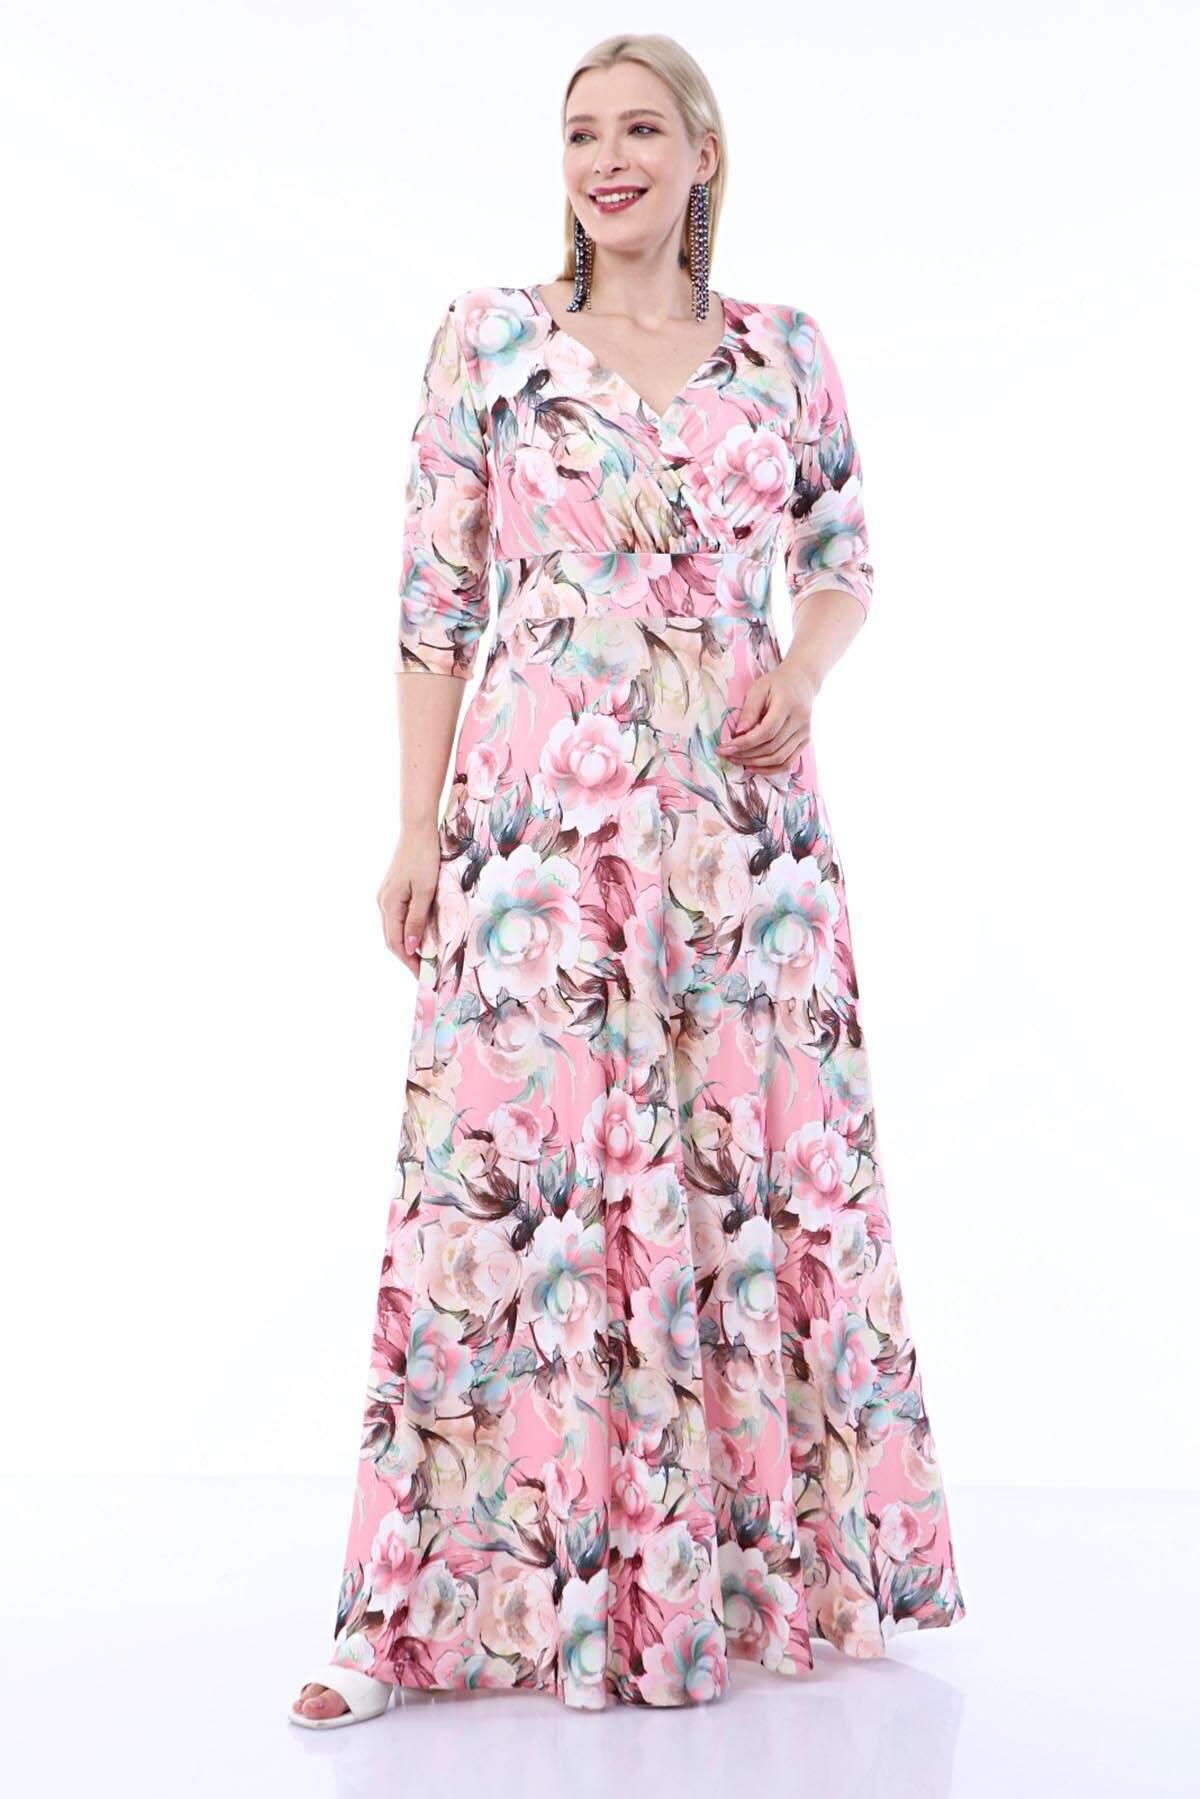 Angelino Büyük Beden Kolları Pelerin Esnek Sandy Gül Desenli Elbise 93-7713